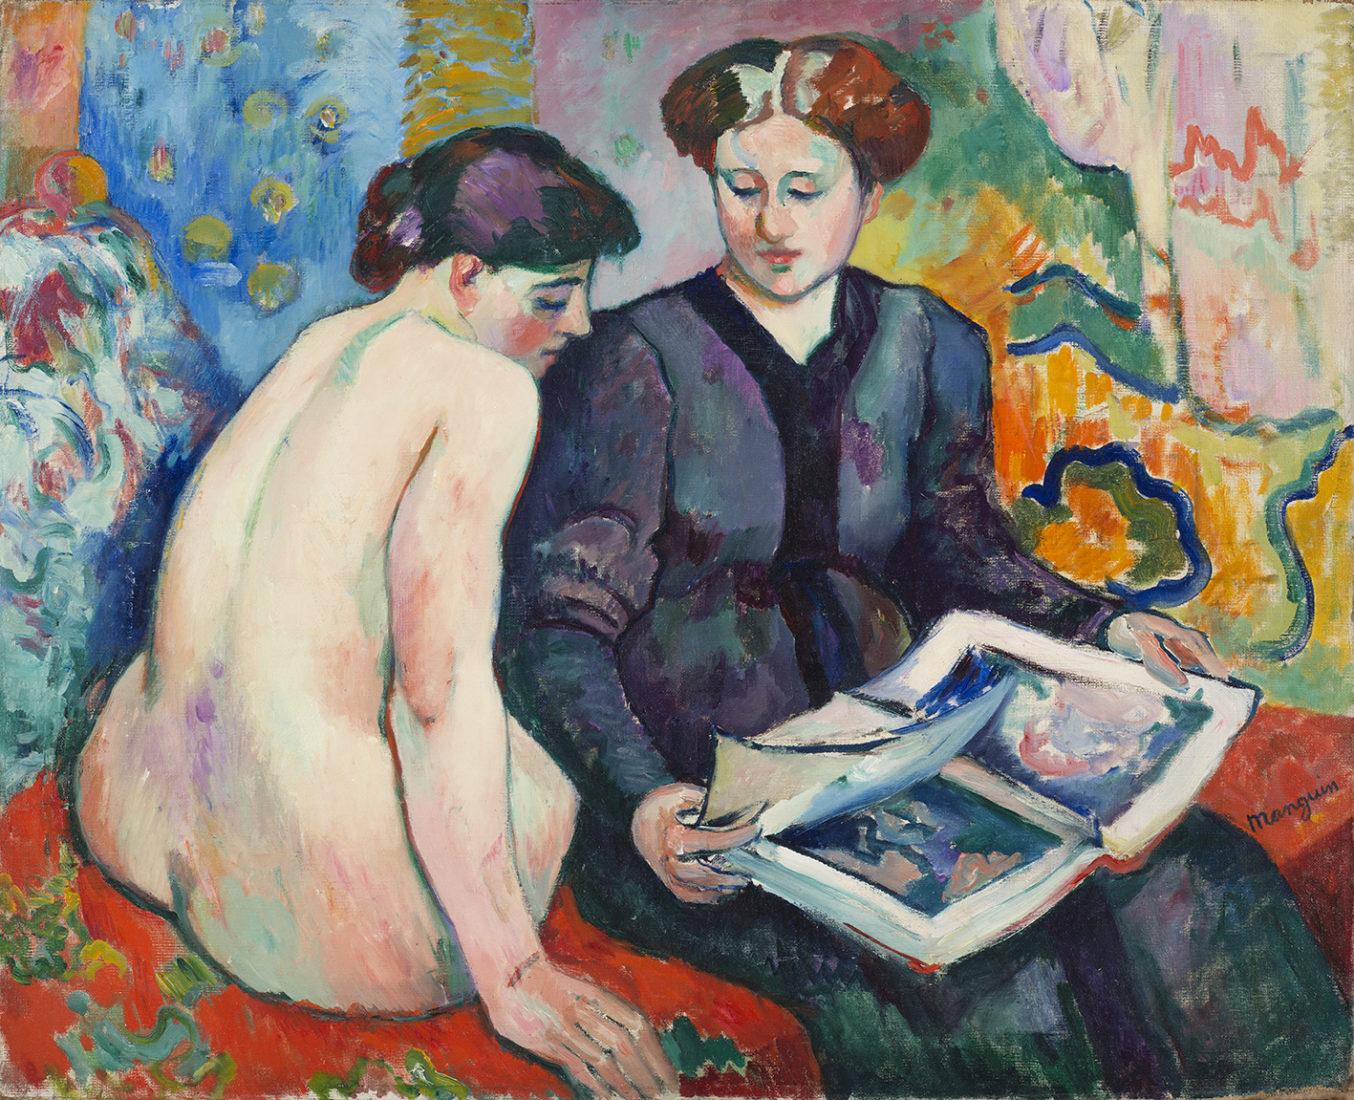 MANGUIN, Henri_Las estampas, 1905